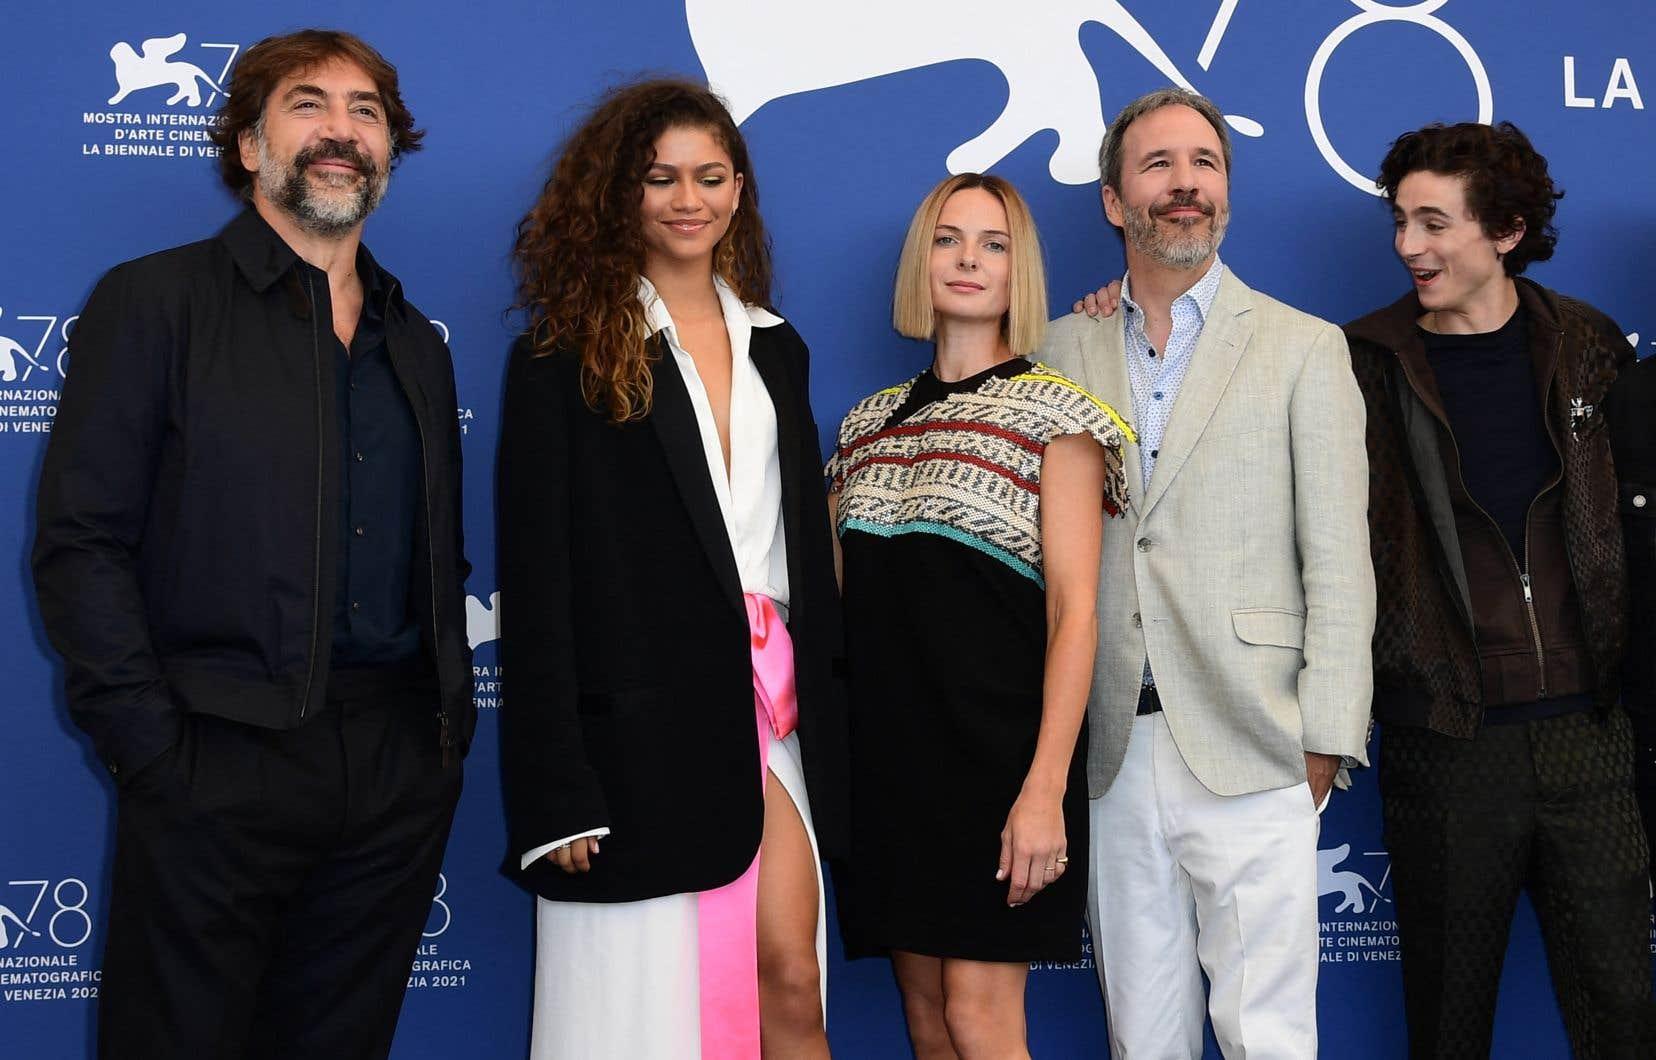 Les acteurs Javier Bardem, Zendaya, Rebecca Ferguson etTimothée Chalamet (de gauche à droite), en compagnie du réalisateur québécois de «Dune», Denis Villeneuve (en costume clair).